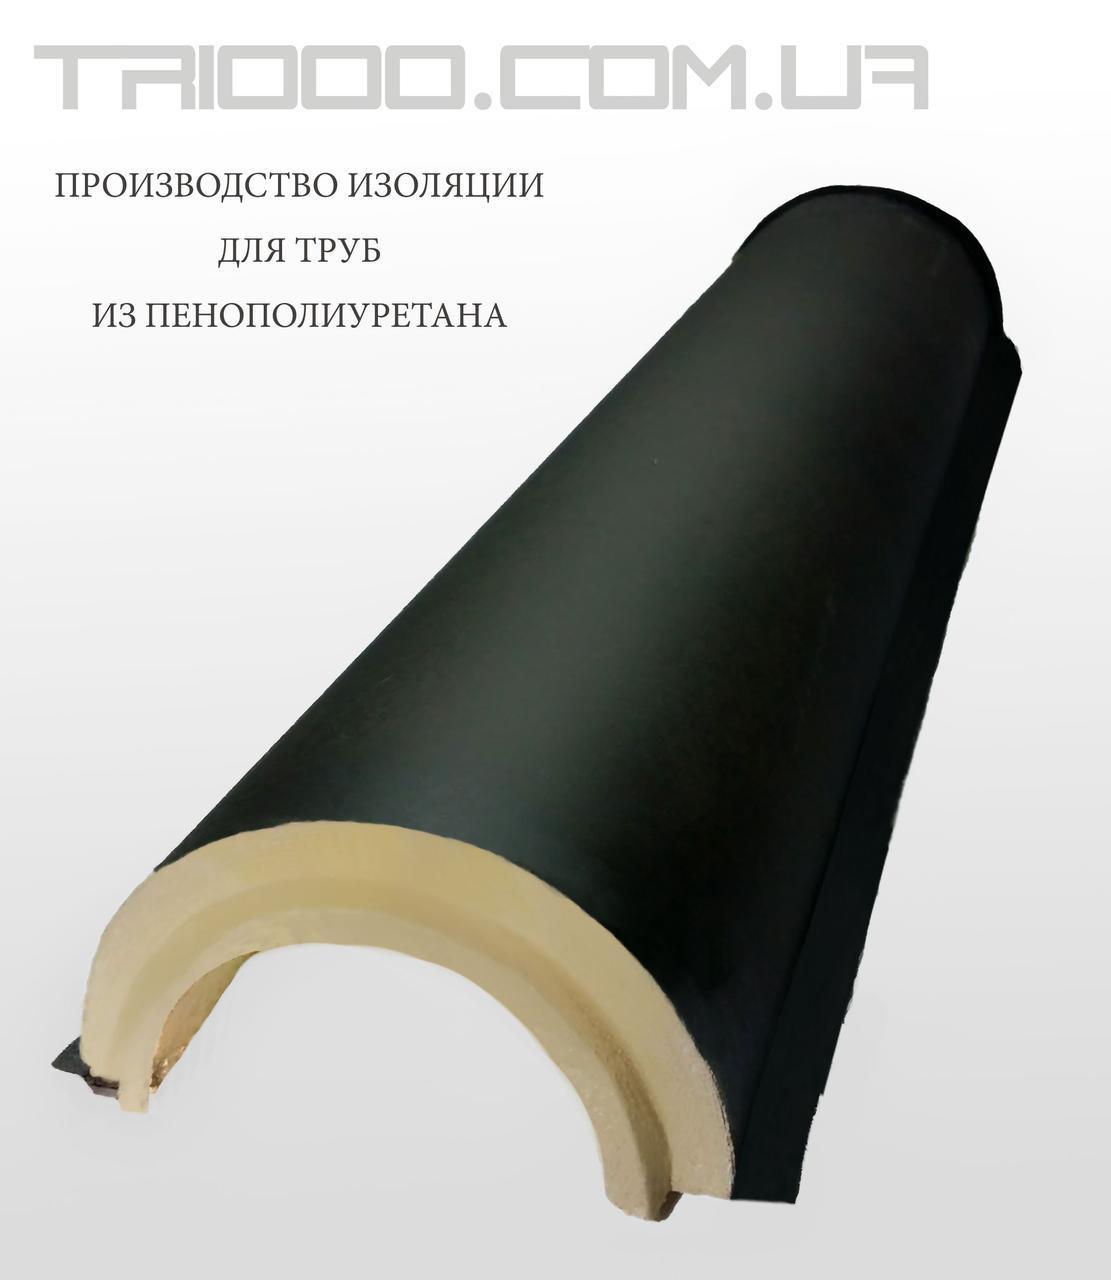 Сегменти теплоізоляційні для труб Ø 325/40 мм в покритті з пергаміну